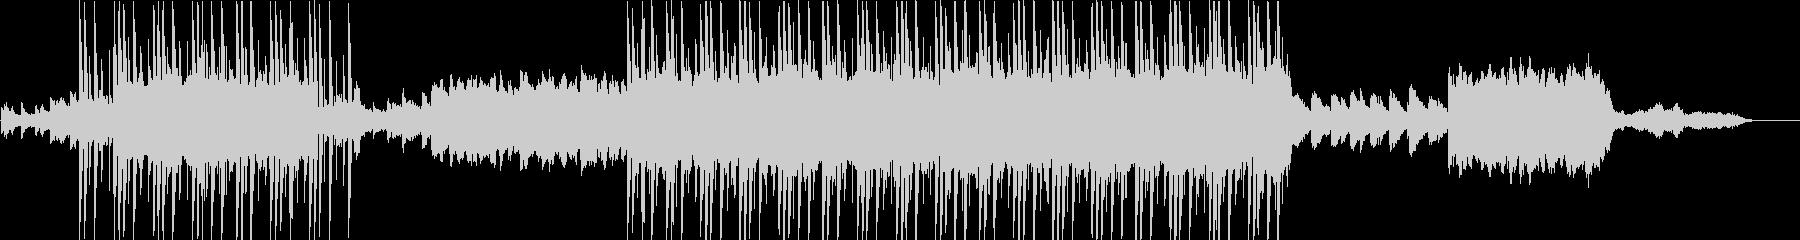 エンディングを迎える感動的なバラードの未再生の波形